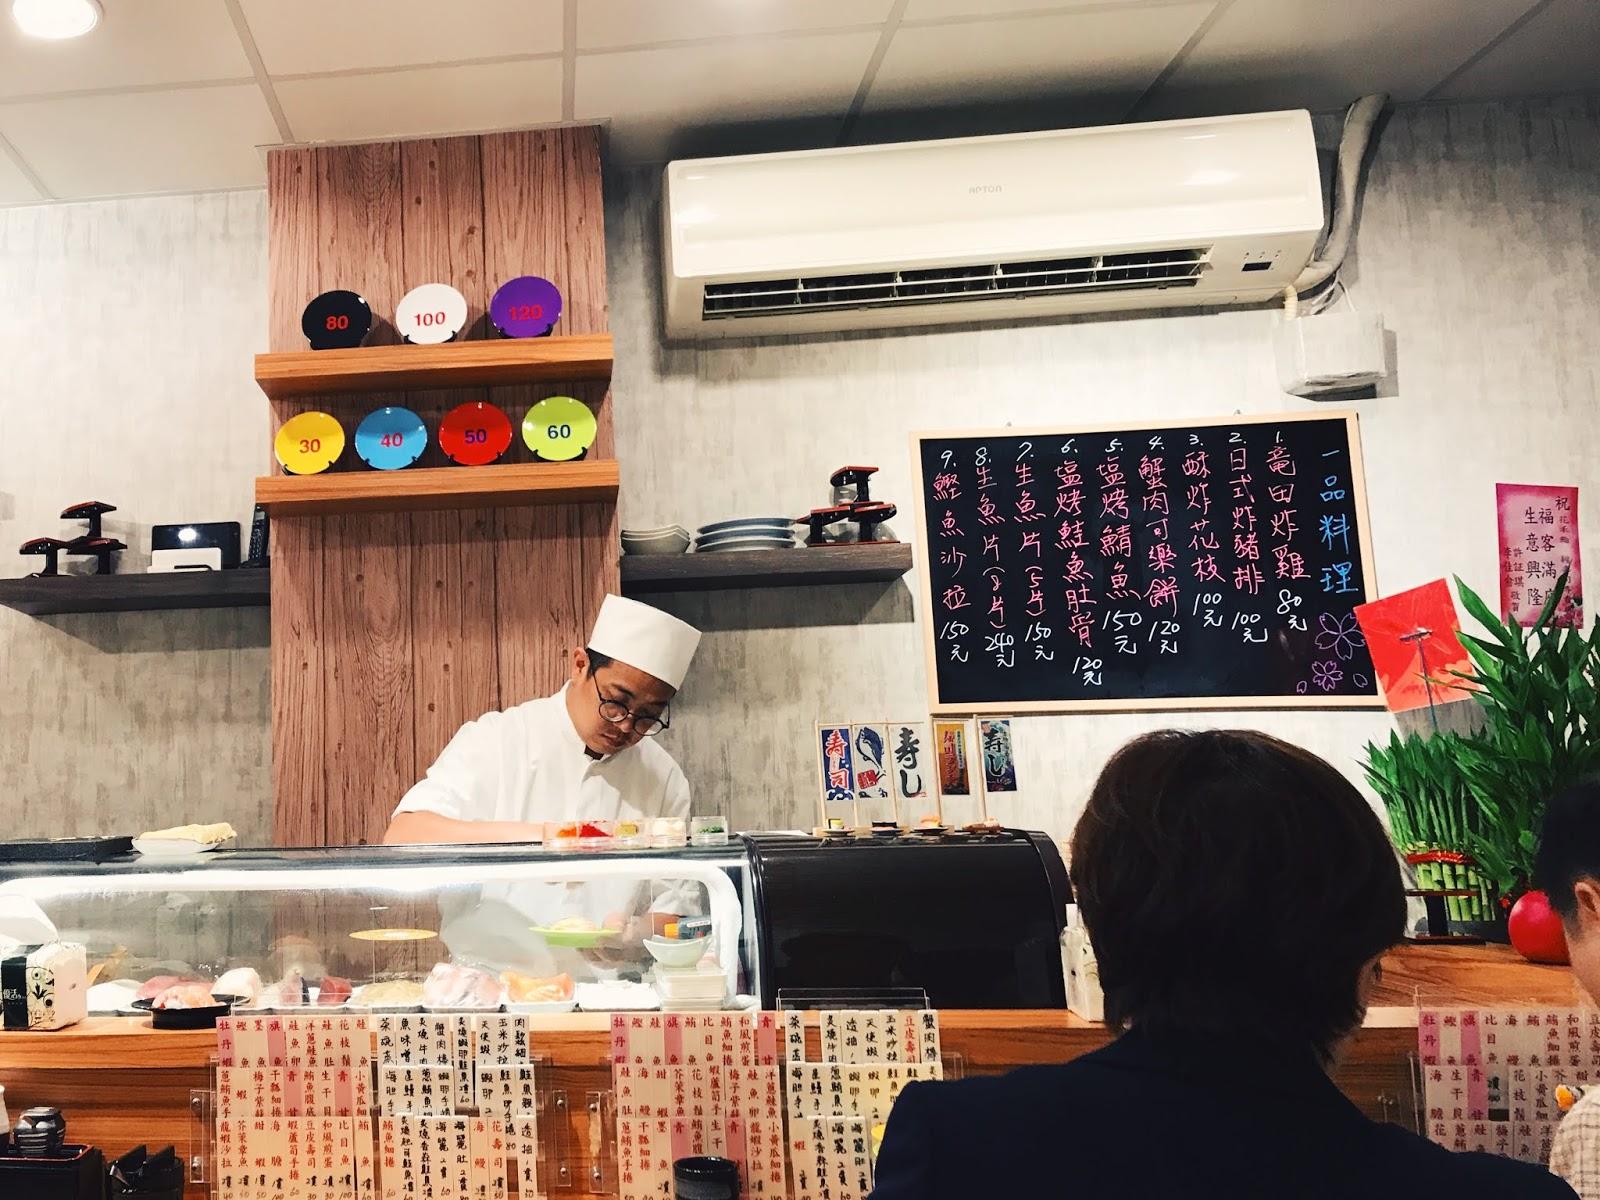 美食   永和 花禾鮨握壽司 - 天使邊界